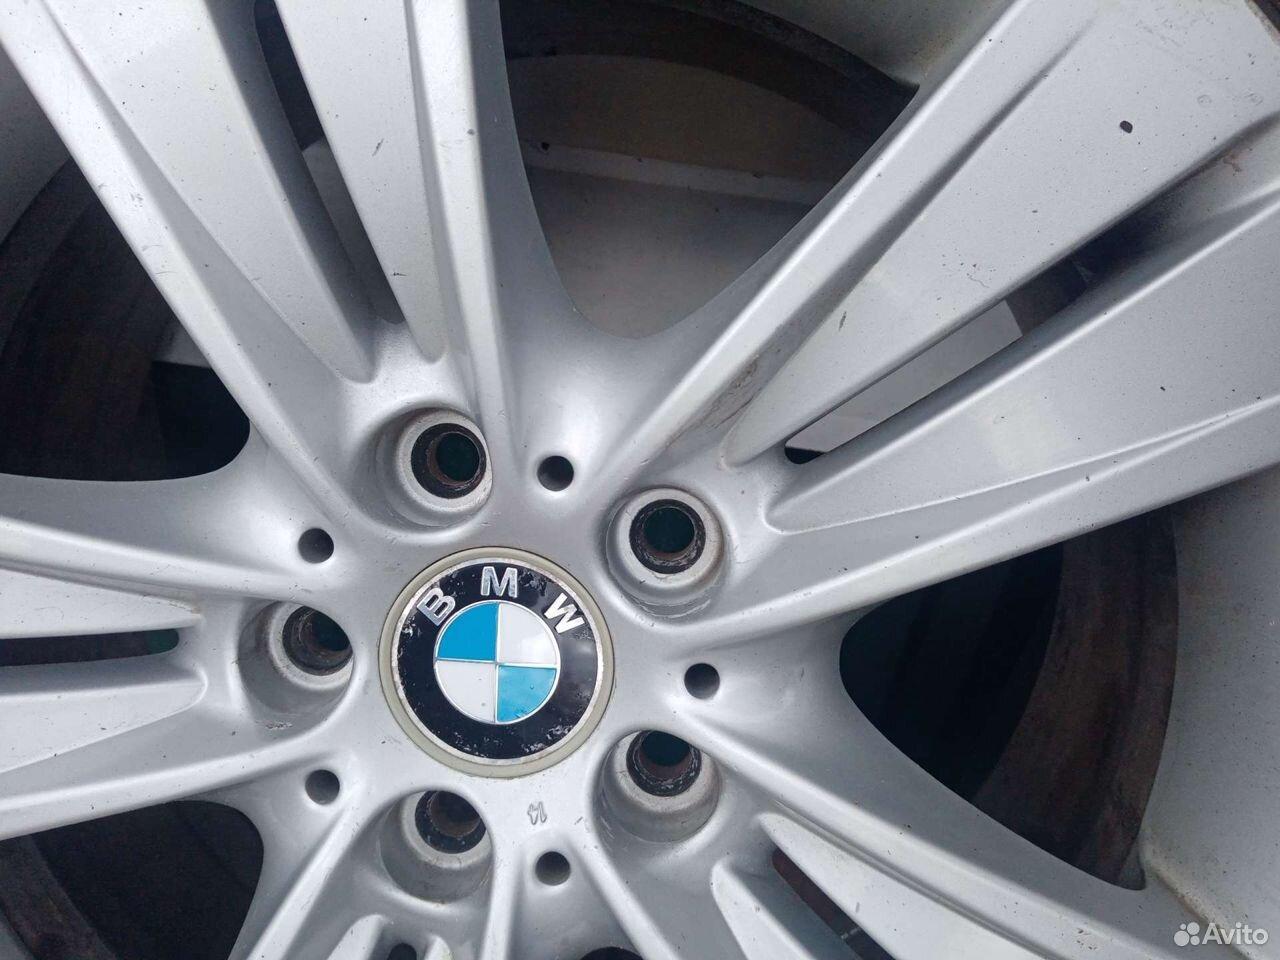 Литье и шины Бмв 18-255-55  89025666423 купить 3